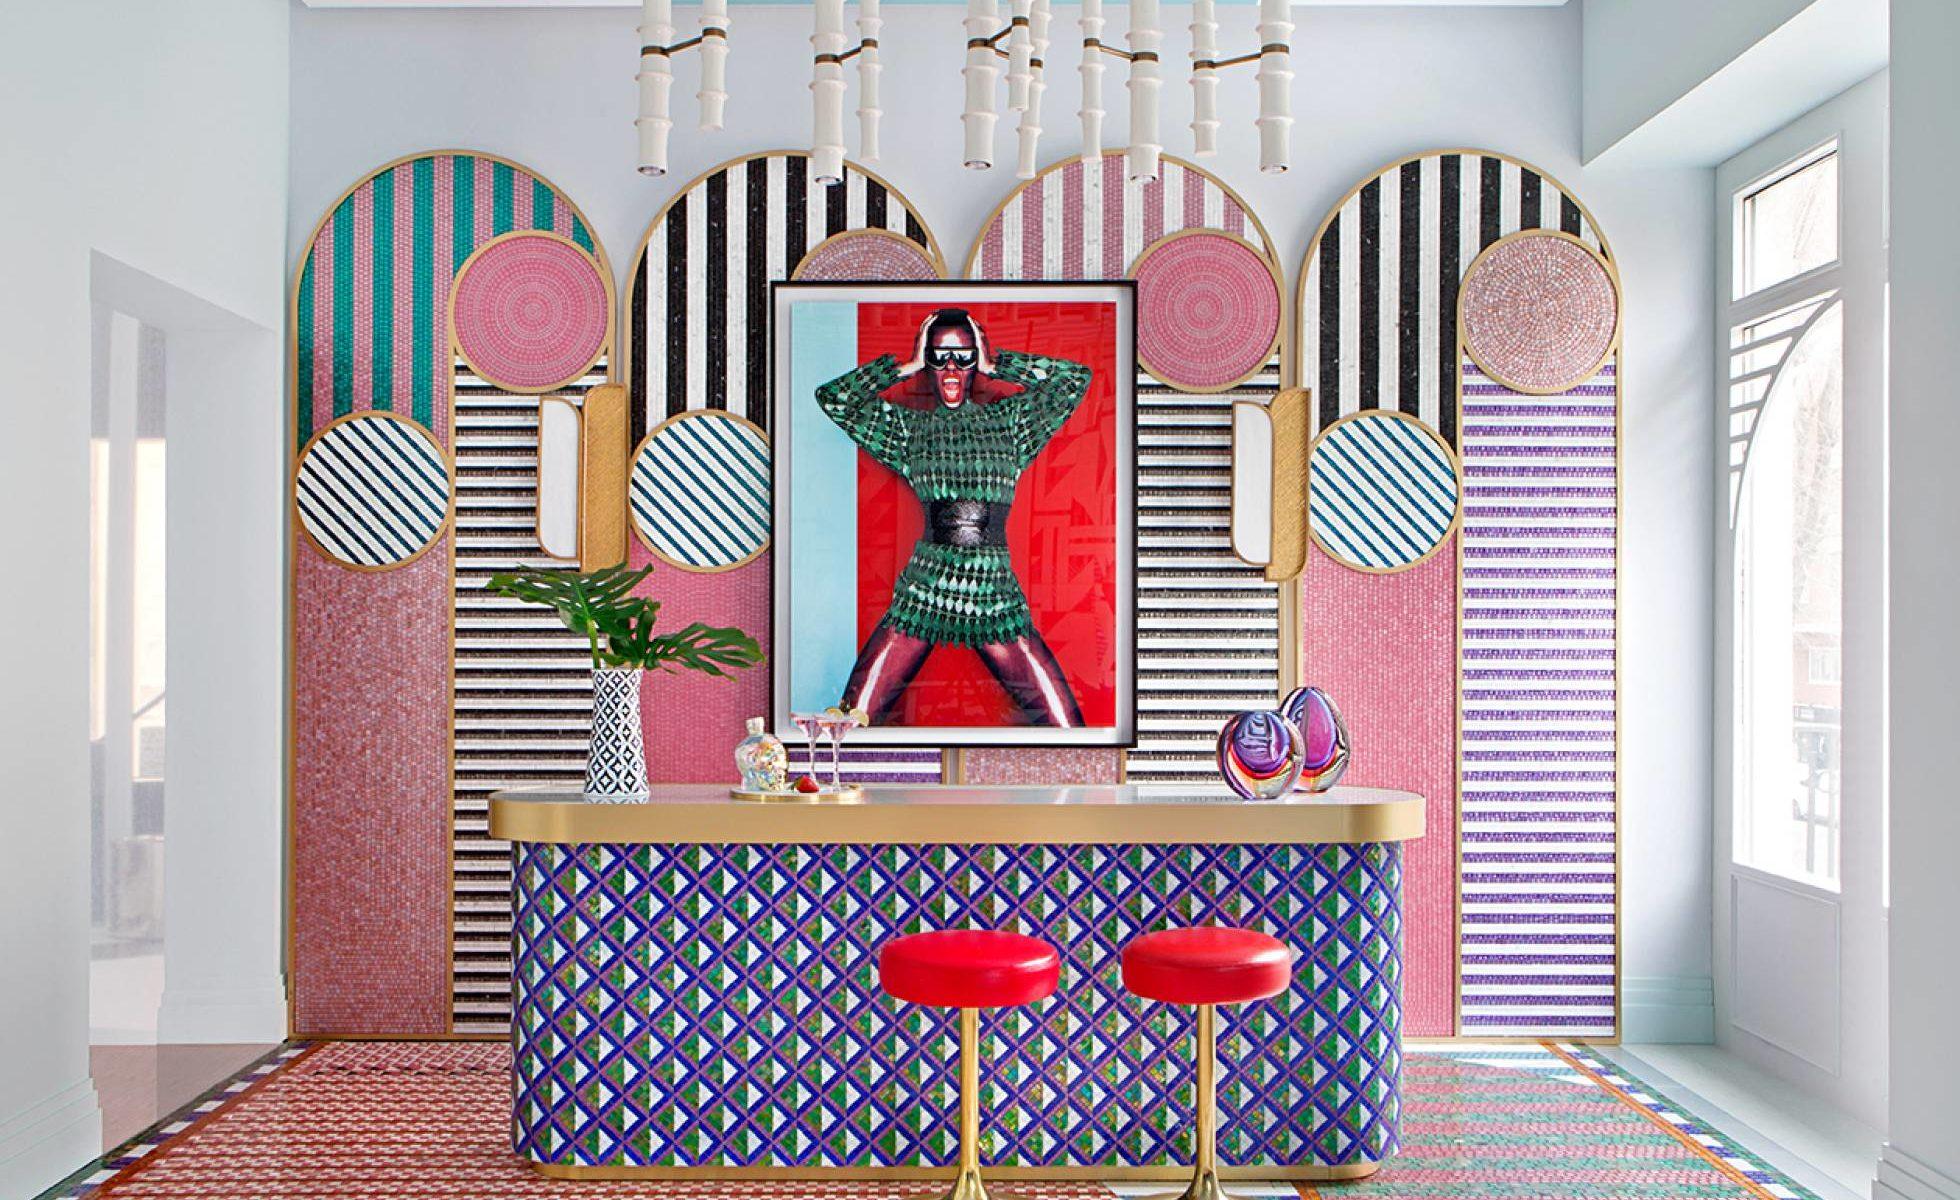 salon-punk-repaso-espacios-casa-decor-2019.miriam-alía